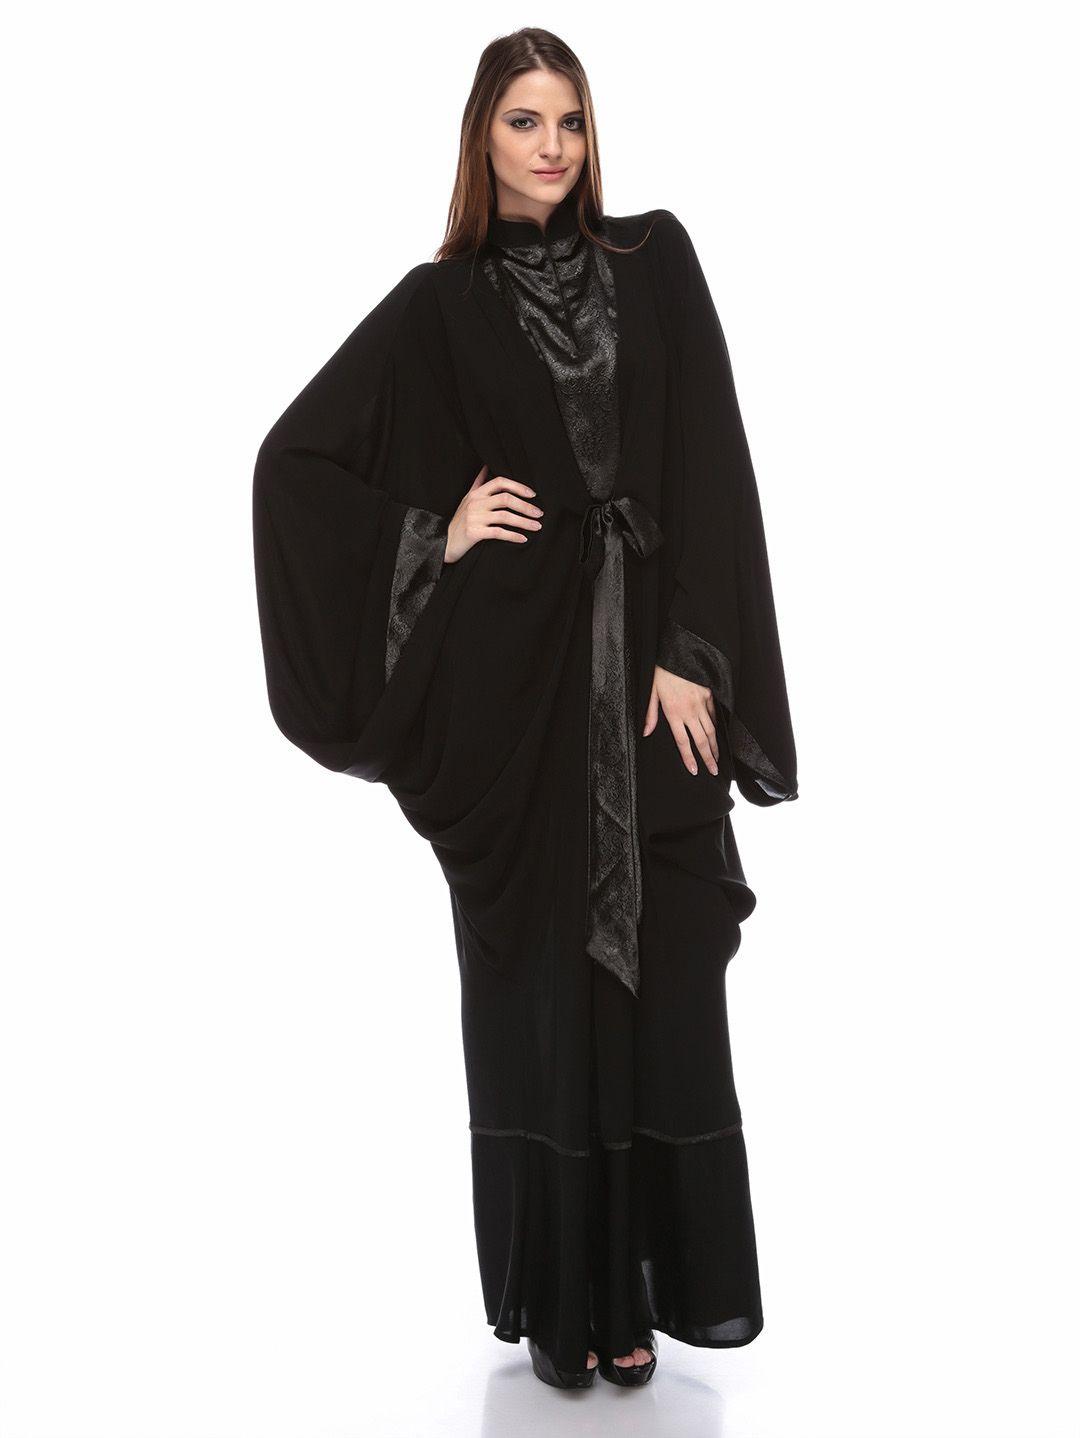 عبايات قطرية سوداء 2018 عبايات قطرية سوداء 2018 عبايات قطرية سوداء اللون فخمة وجميلة حيث تصمم قطر العديد من أشكا Abaya Designs Fashion Branding Fashion